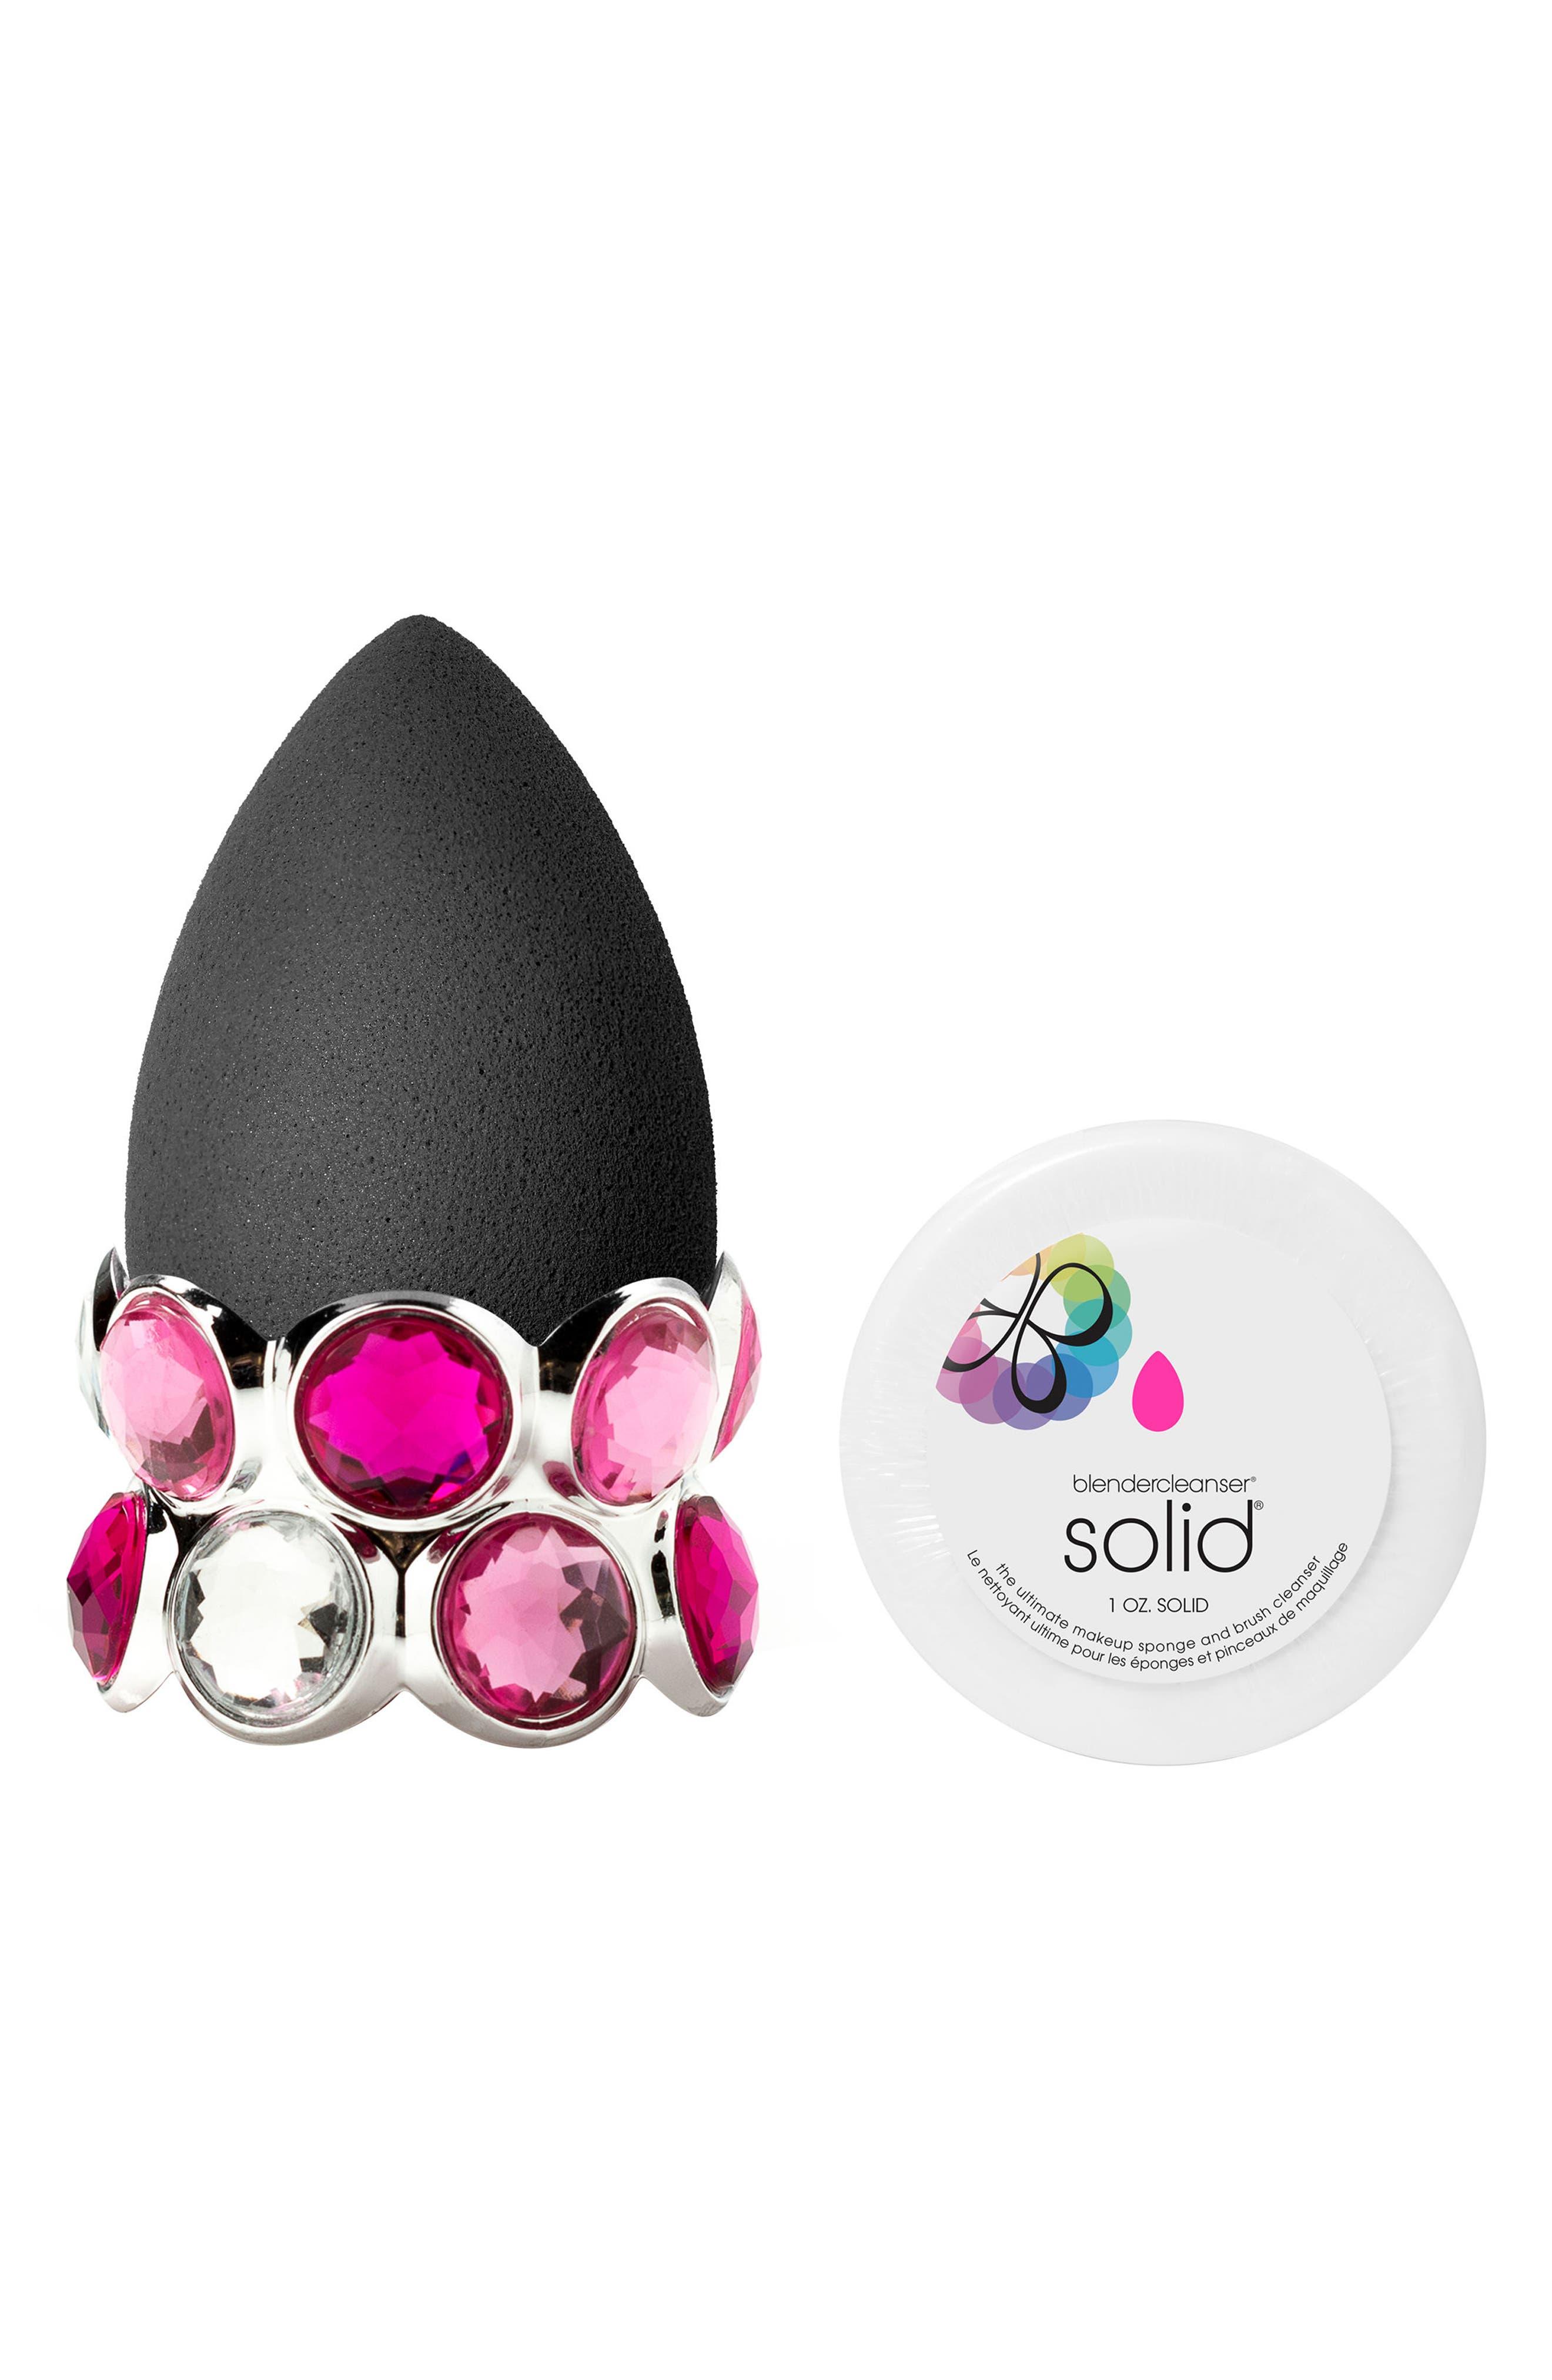 beautyblender® pro Makeup Sponge Applicator Kit ($37 Value)